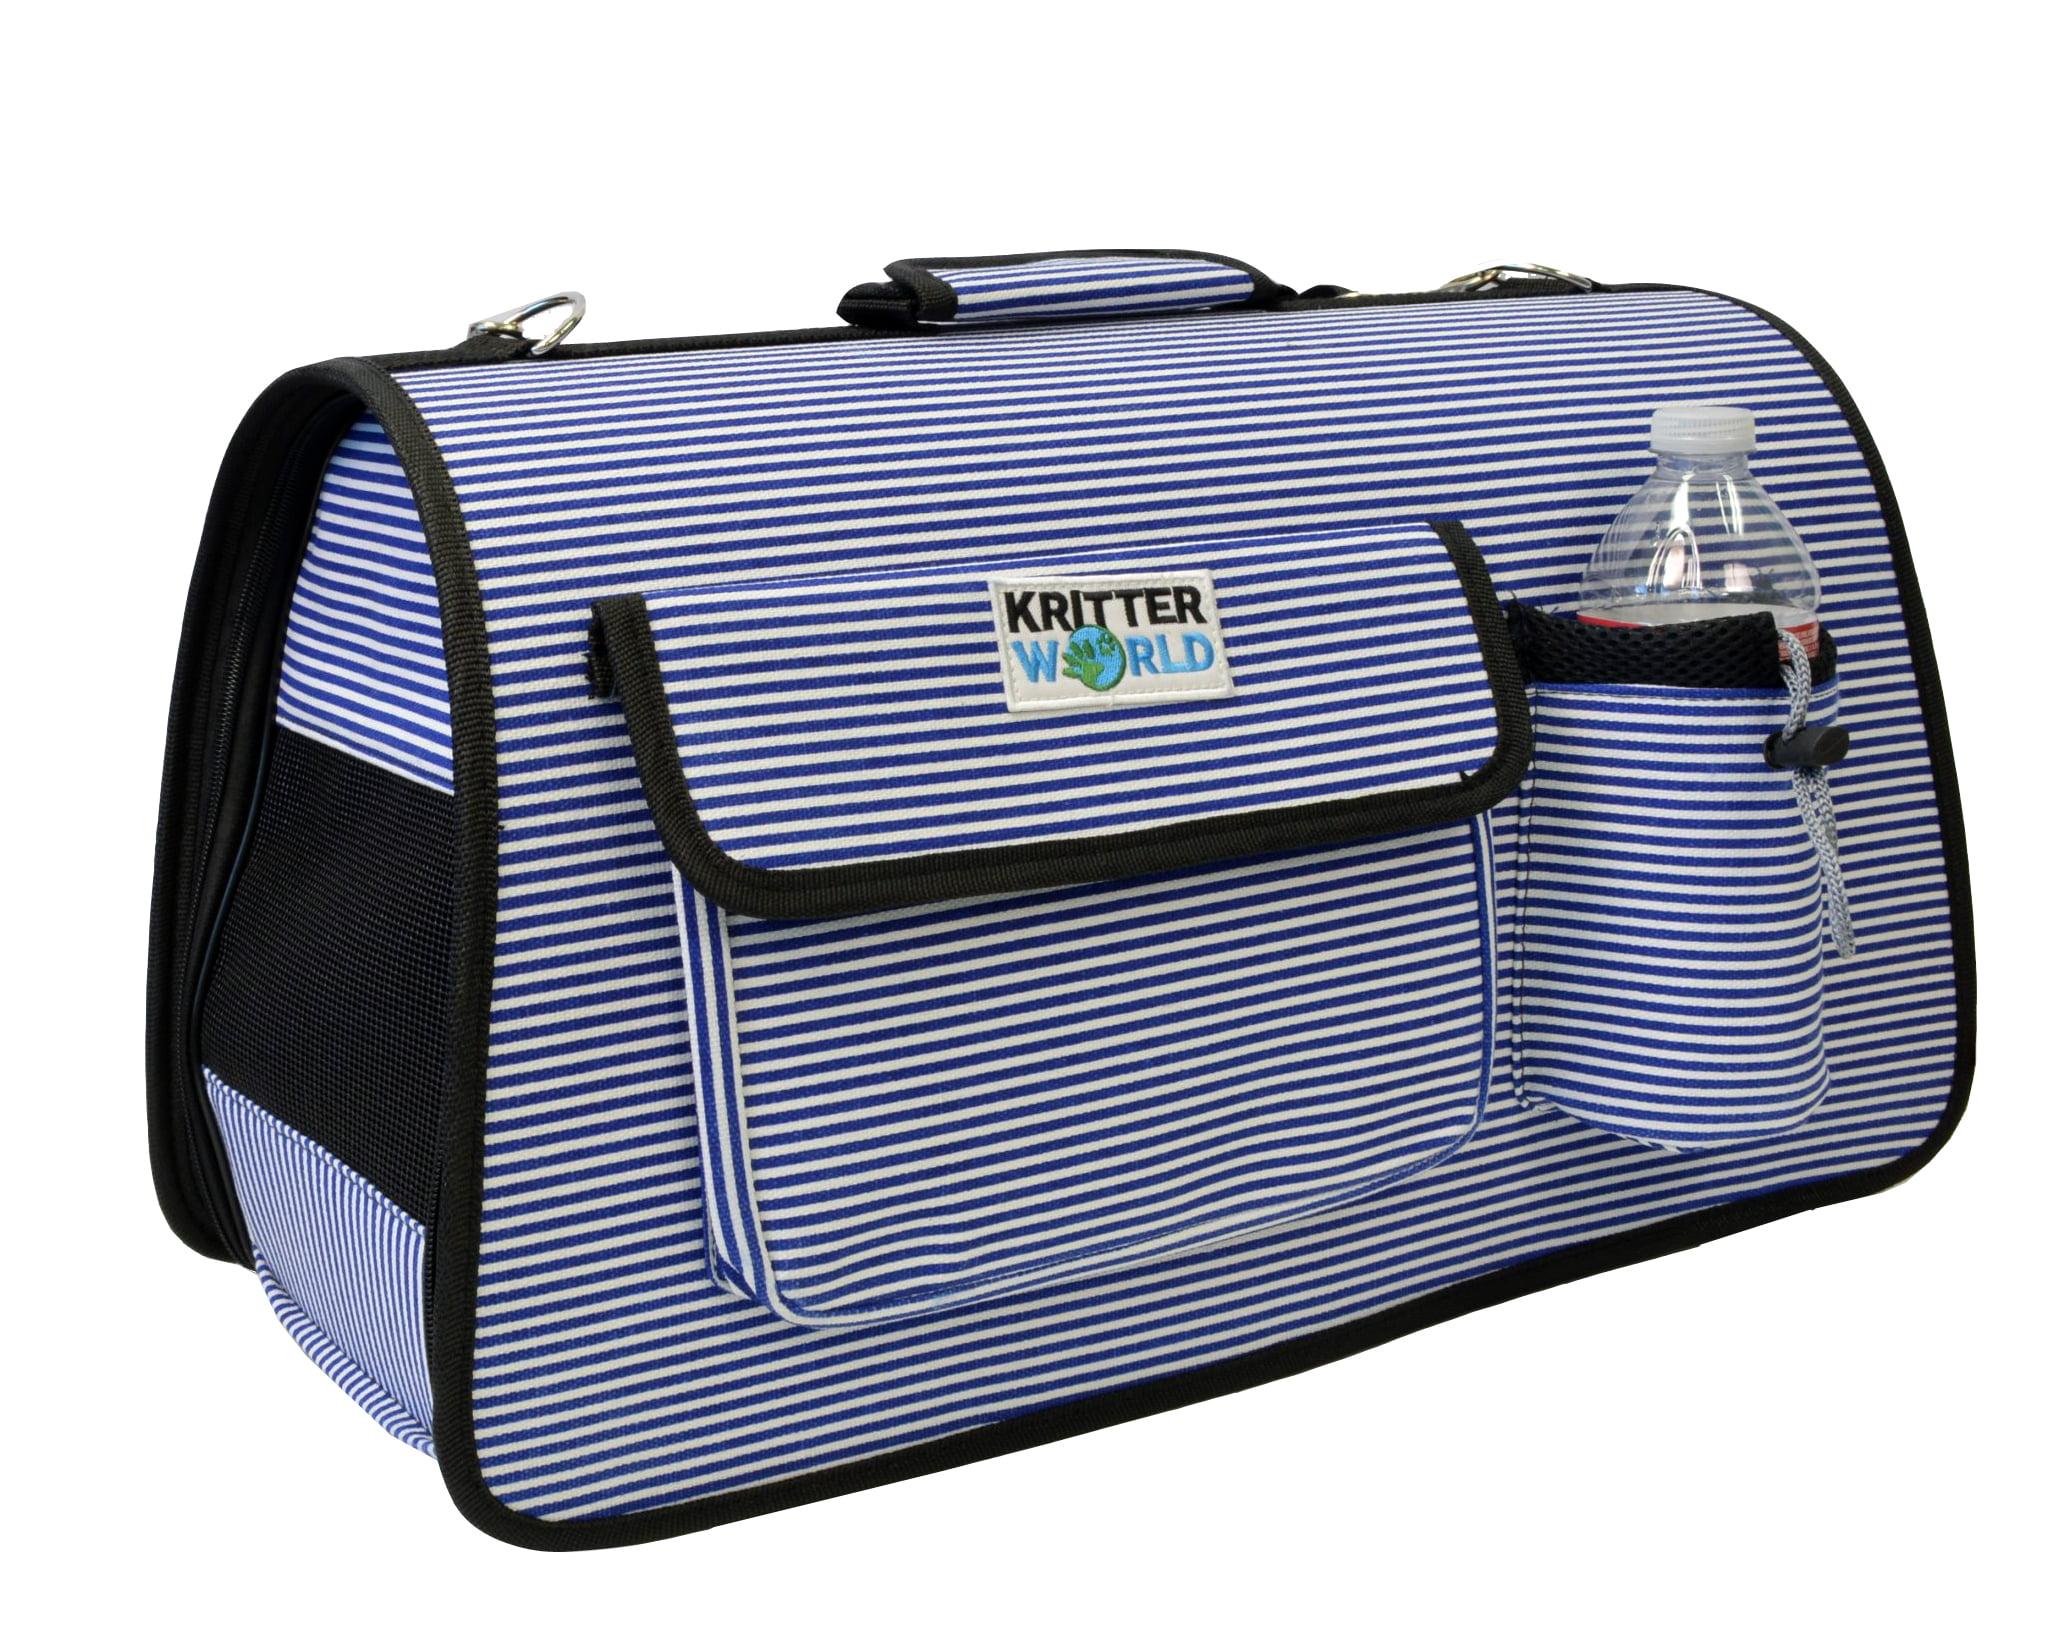 Pet Dog Cat Cute Handbag Travel Shoulder Bag Carrier Puppy Kennel Portable Tote